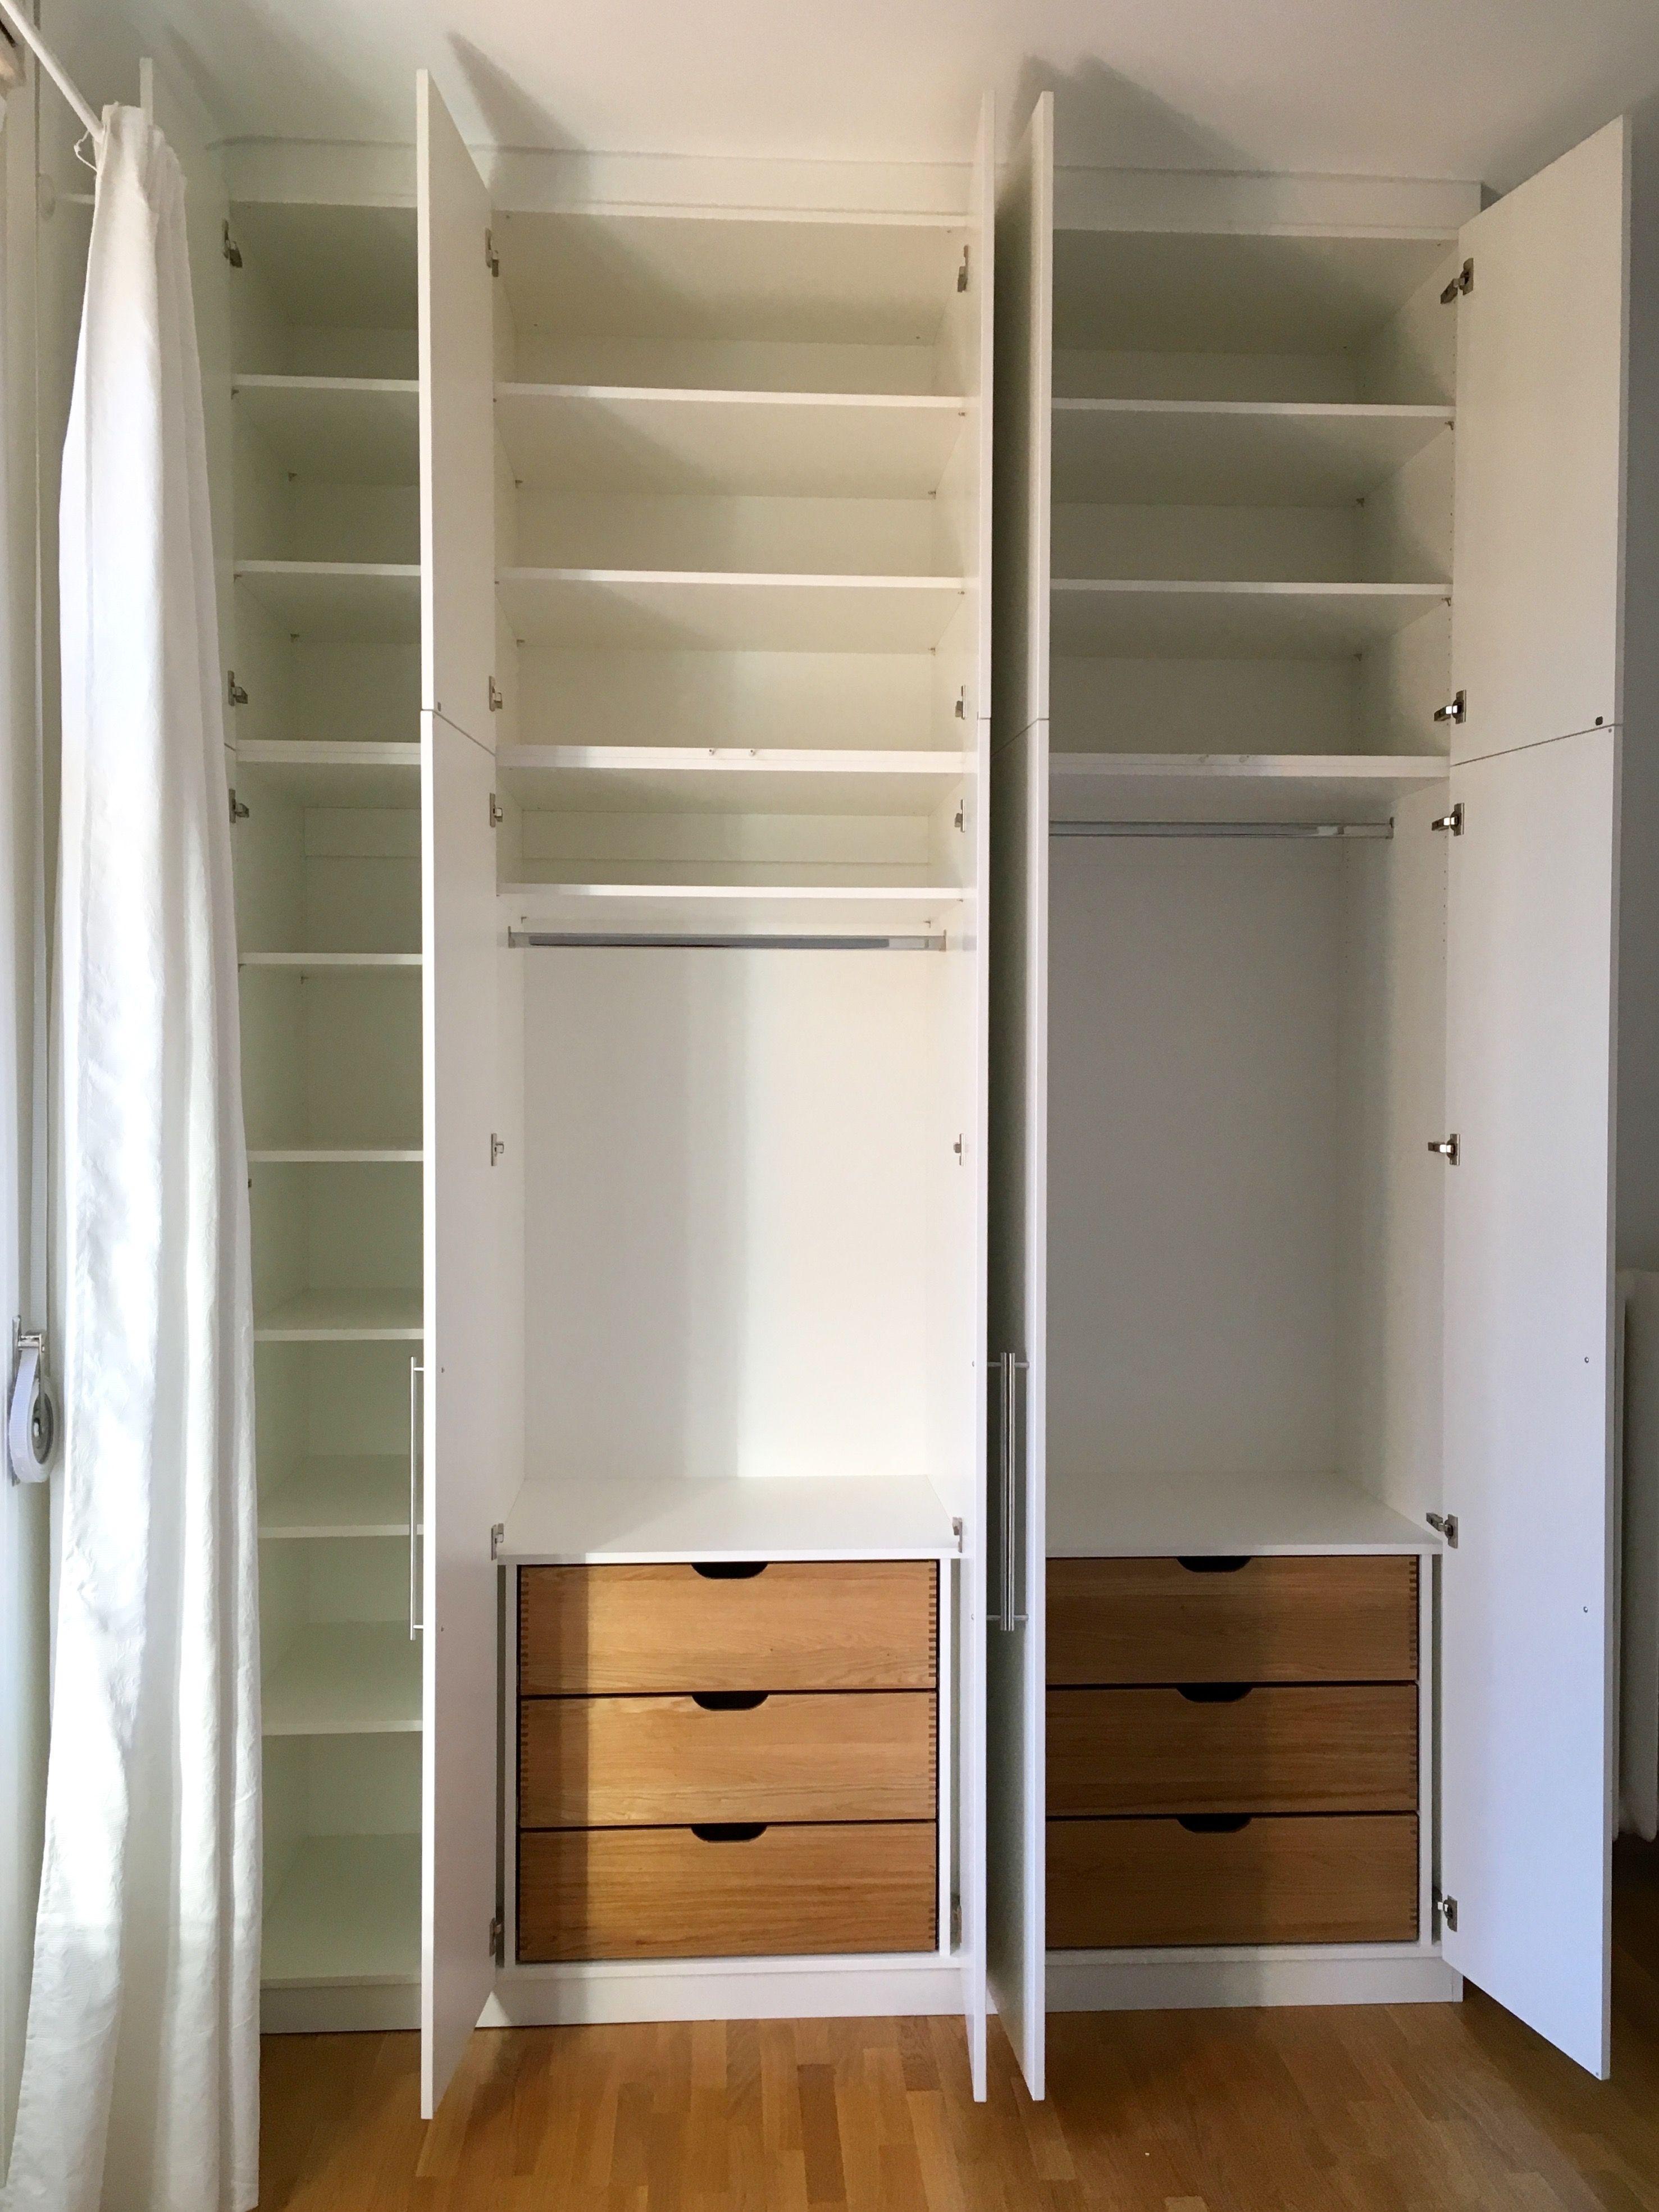 Pin auf Kleiderschrank Schlafzimmer Einbauschrank